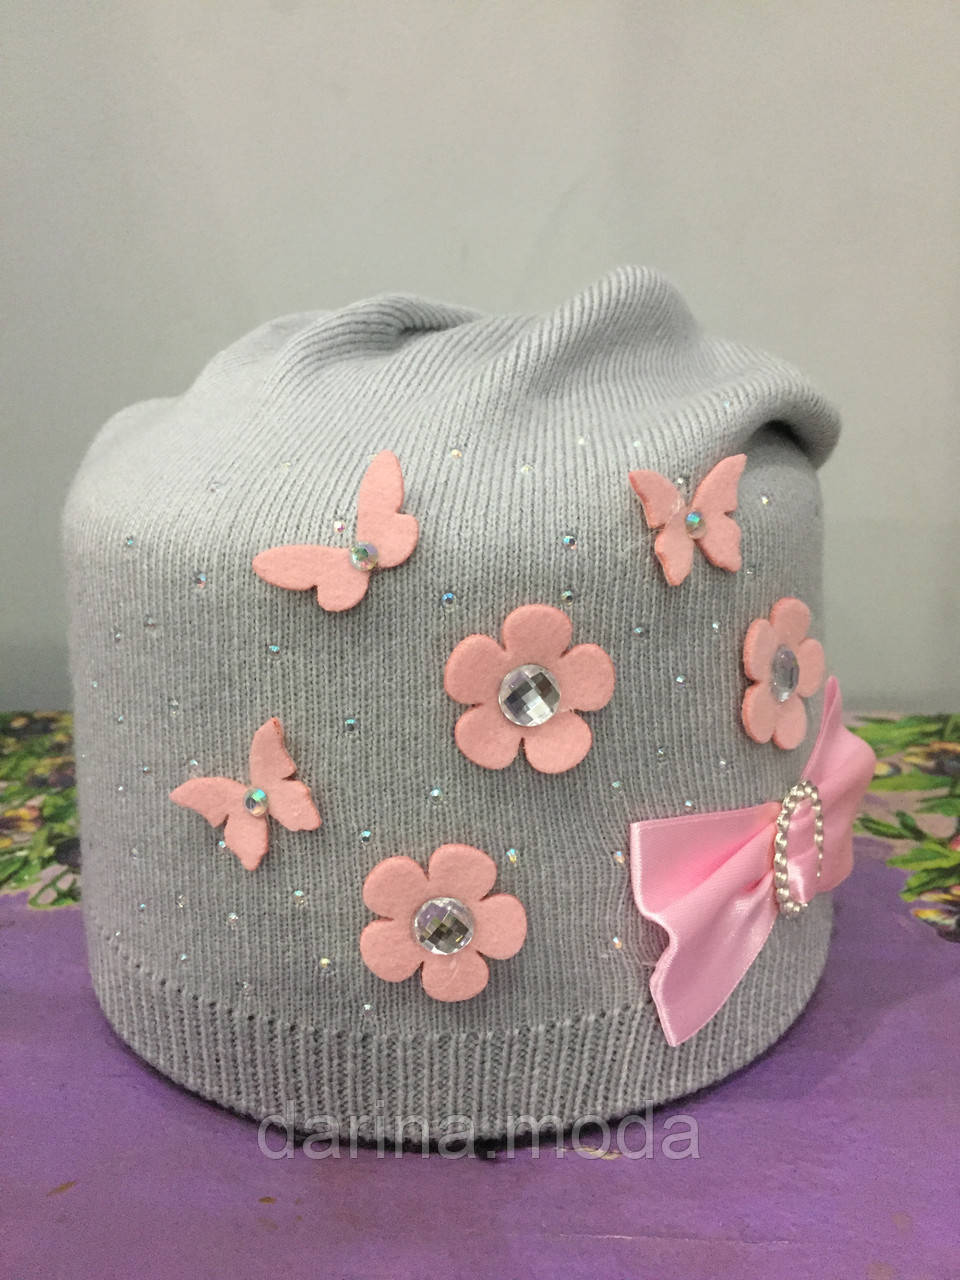 Вязанная шапка с цветами для девочки